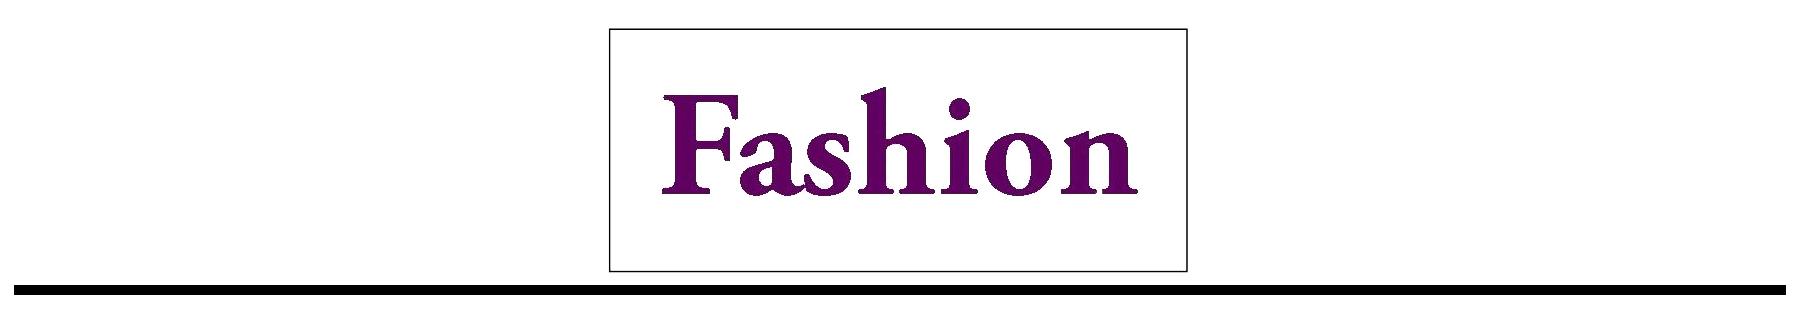 Fashion3a